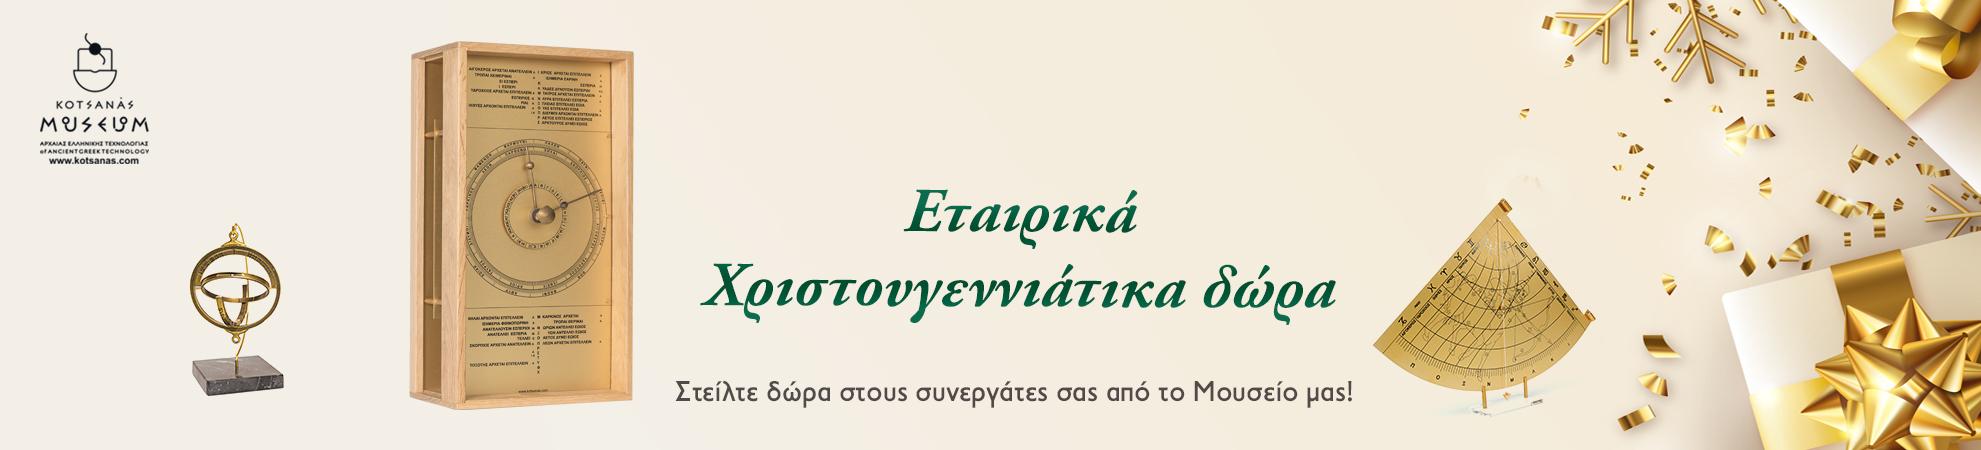 etairika_dora_ellinika_banner.jpg